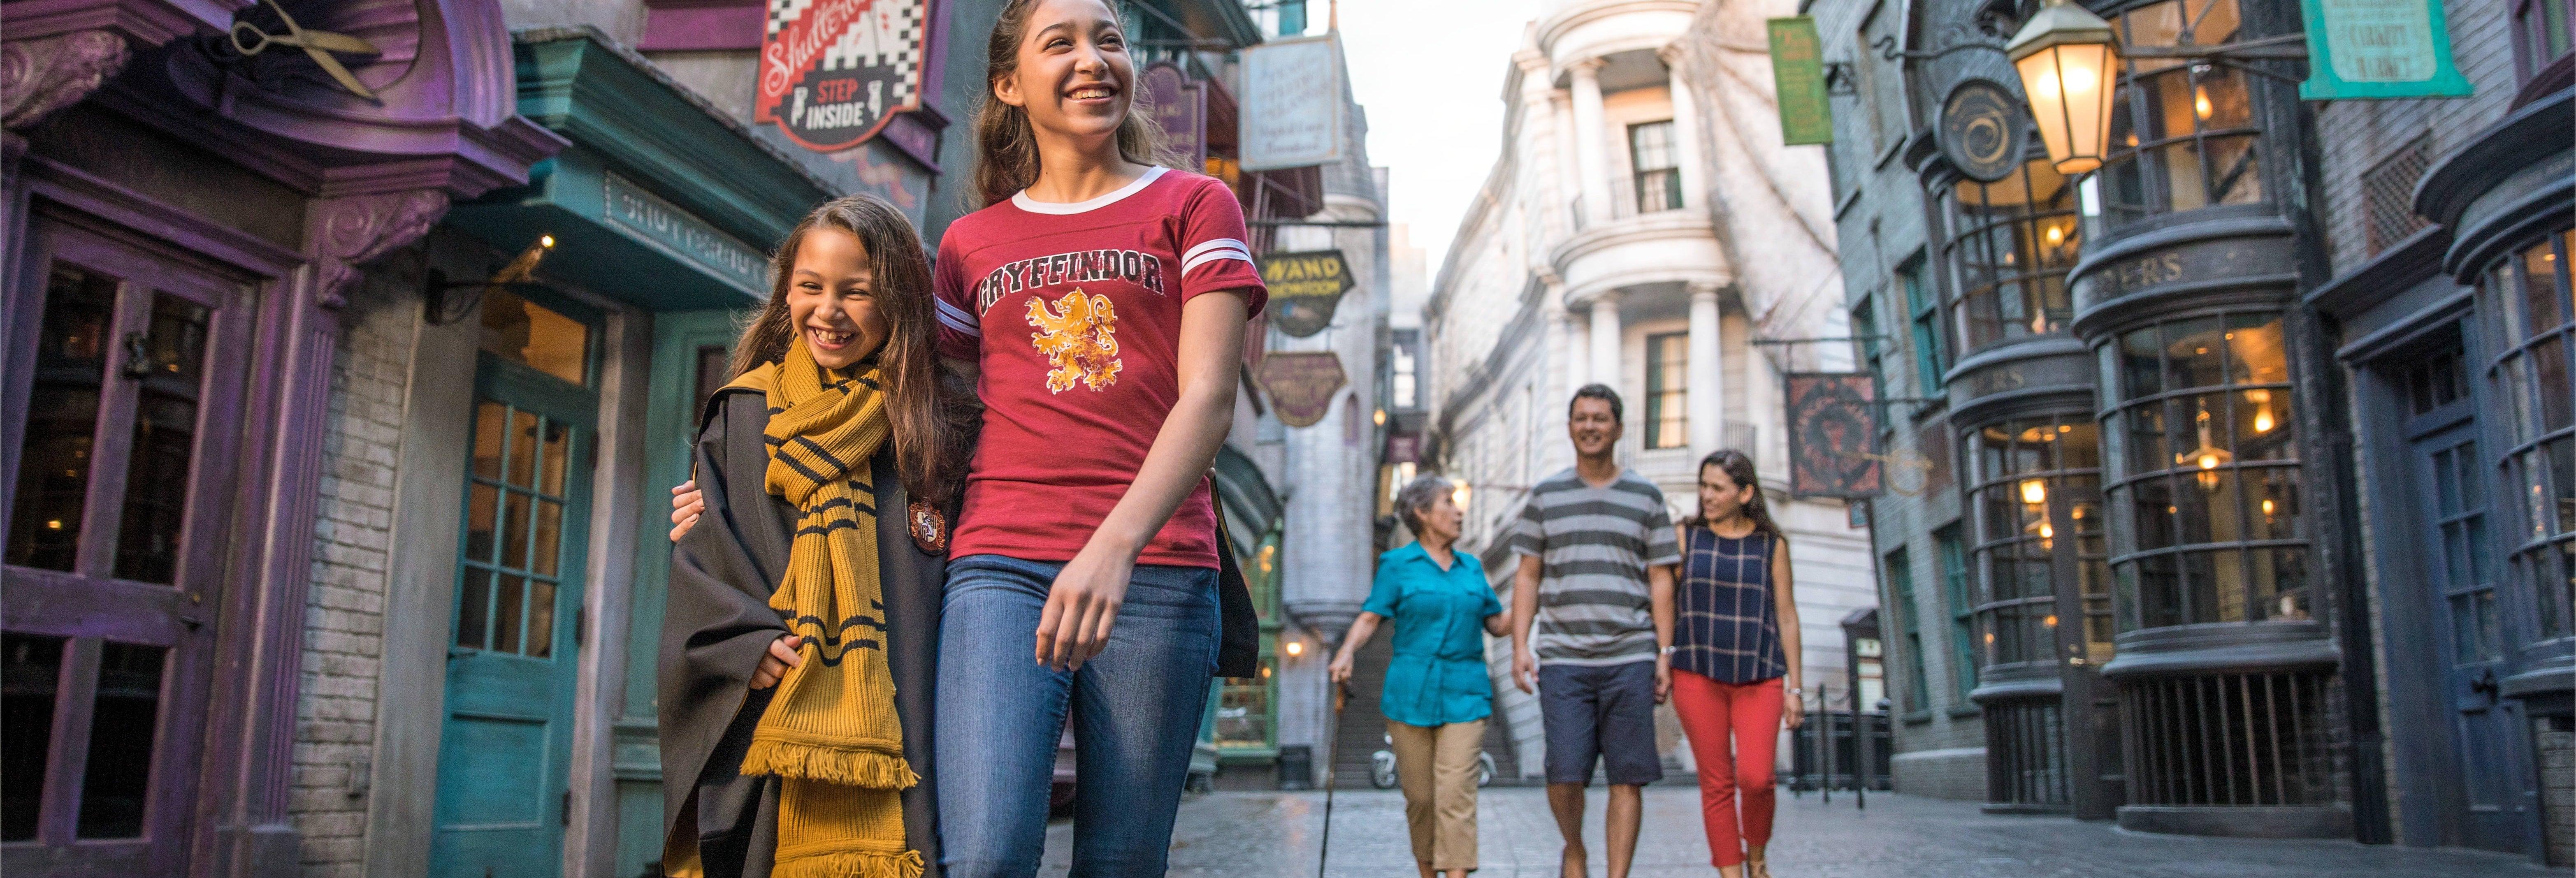 Excursion aux Studios Universal d'Orlando